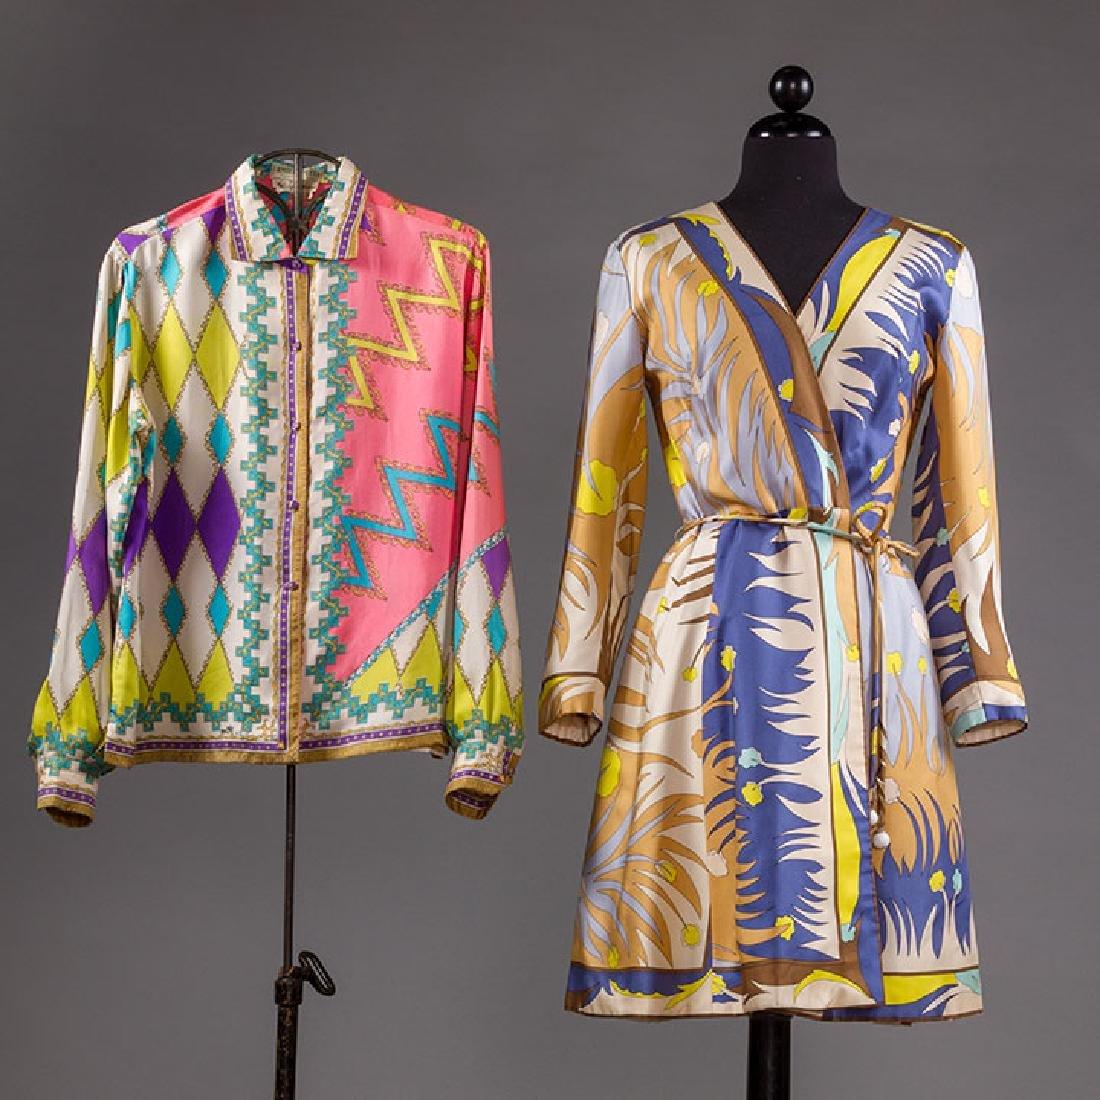 PUCCI SILK BLOUSE & SILK WRAP DRESS, 1970s